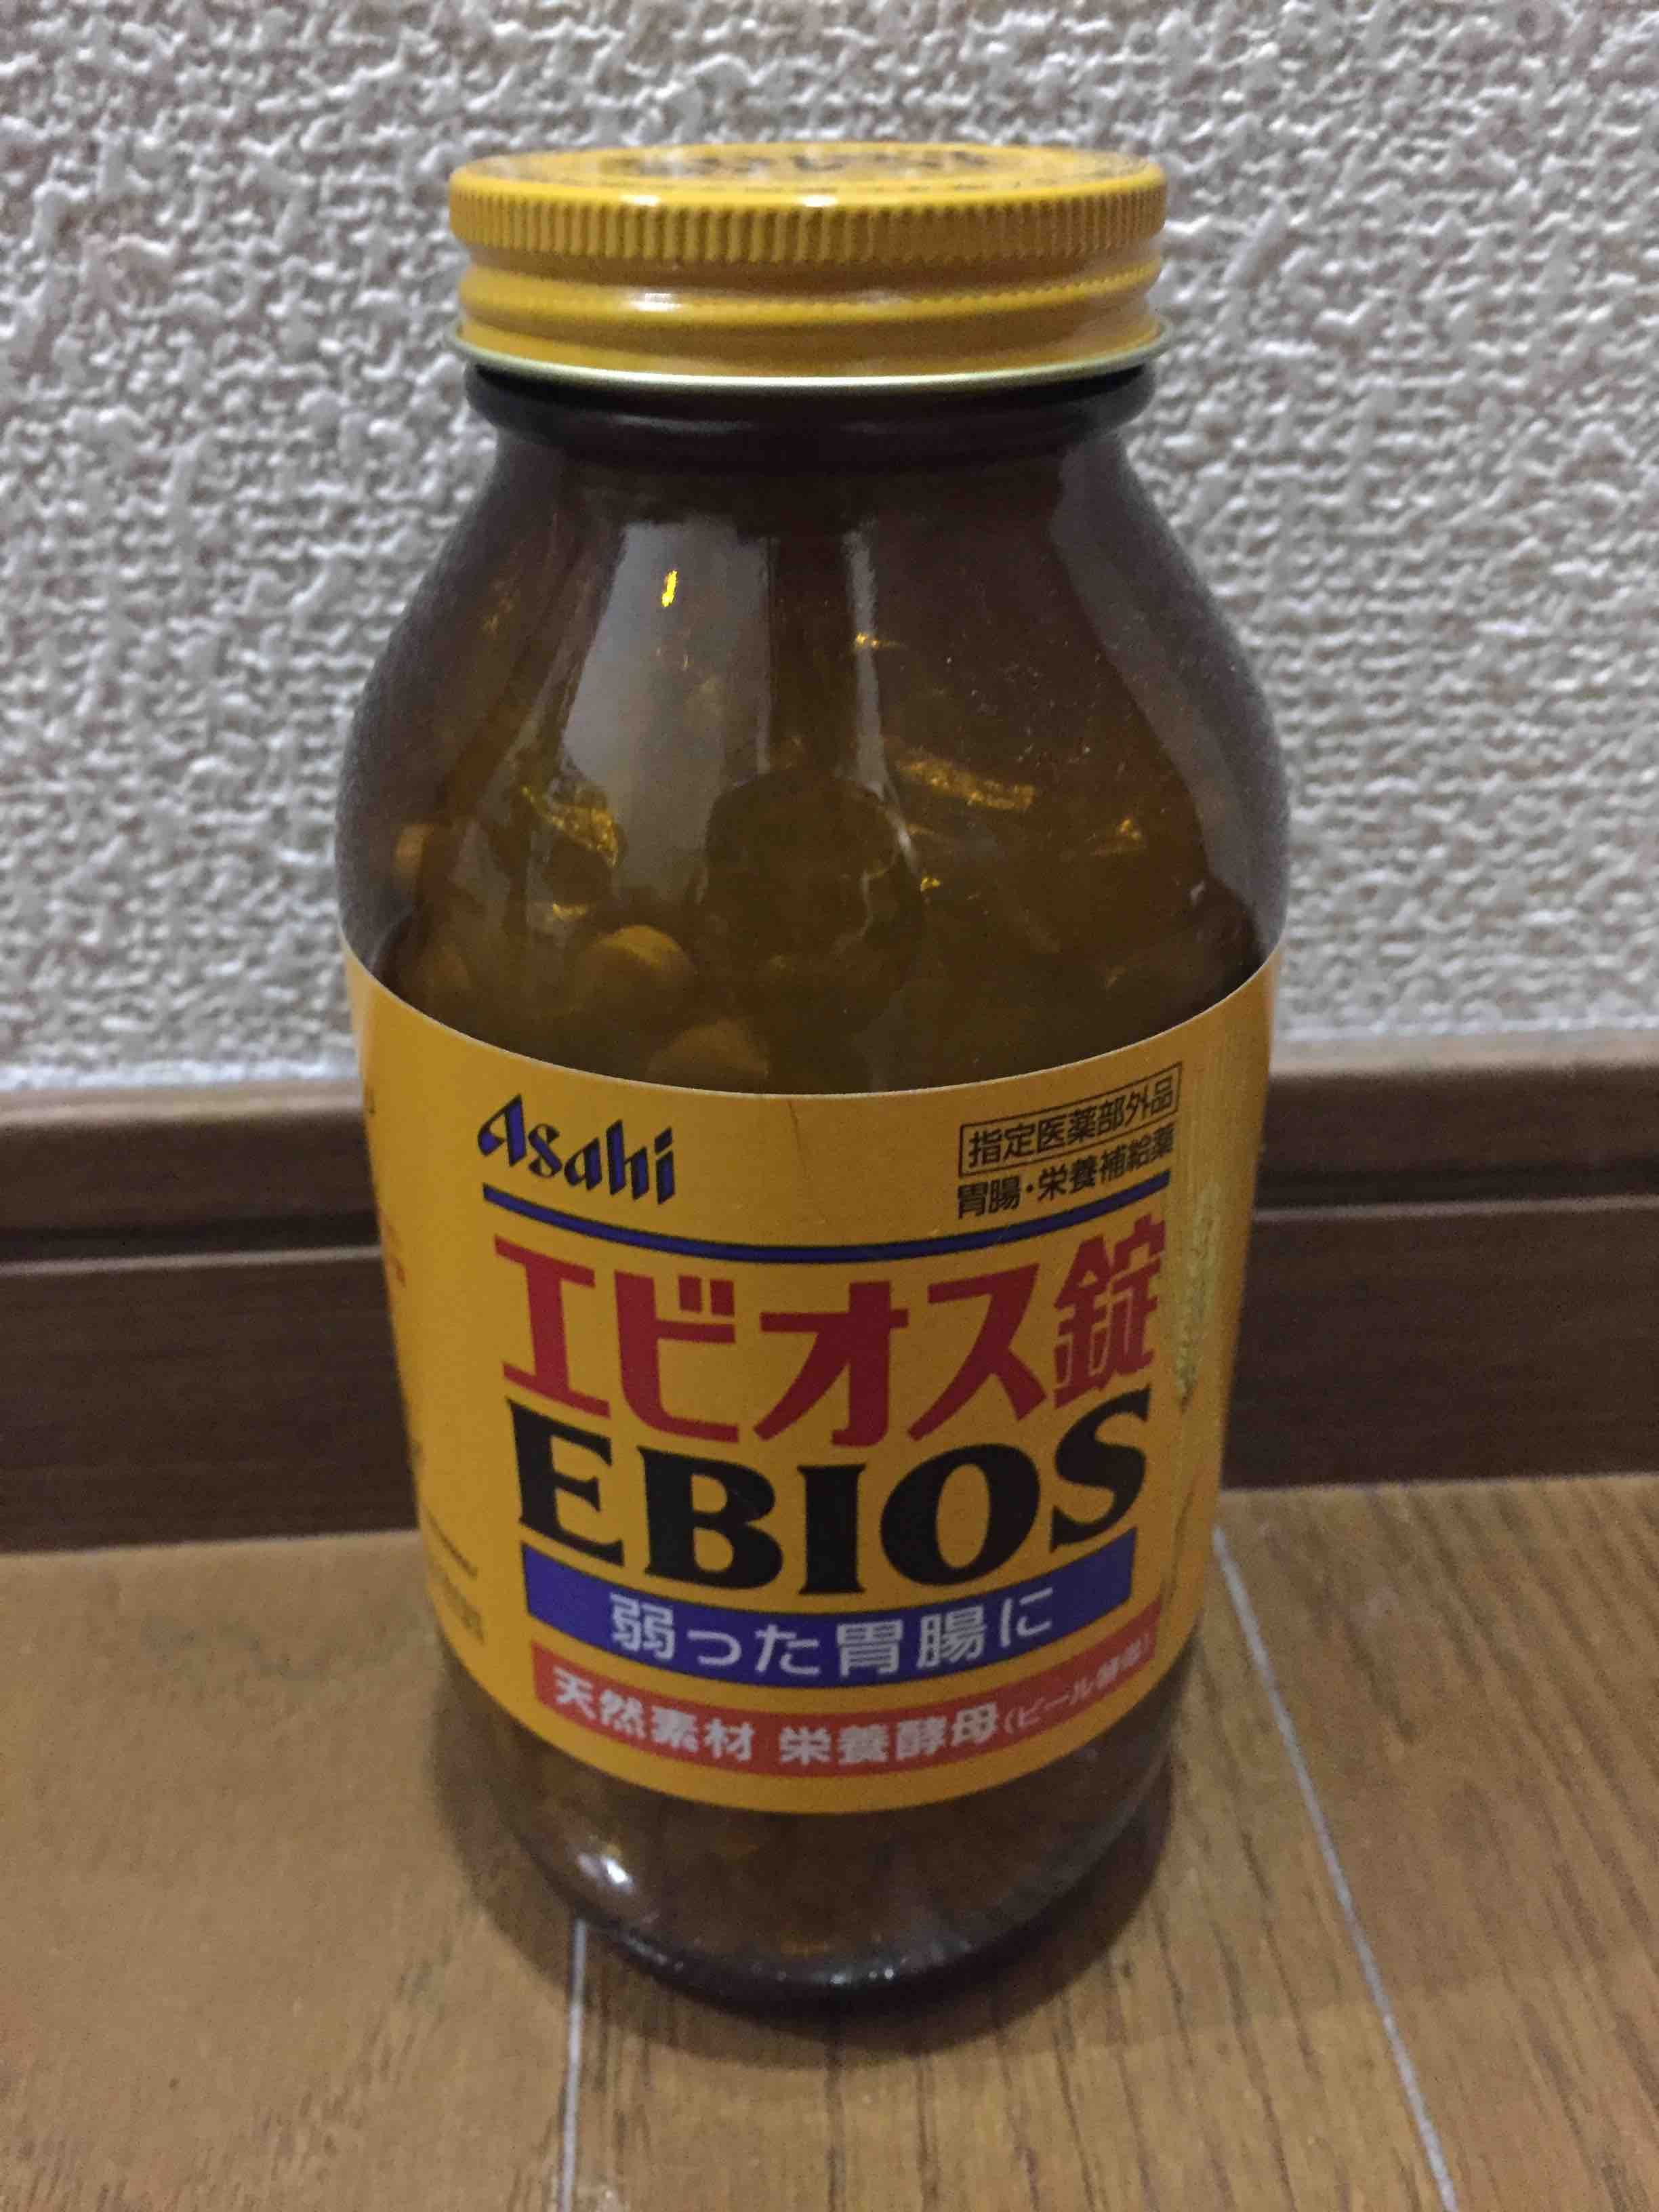 錠 効果 エビオス